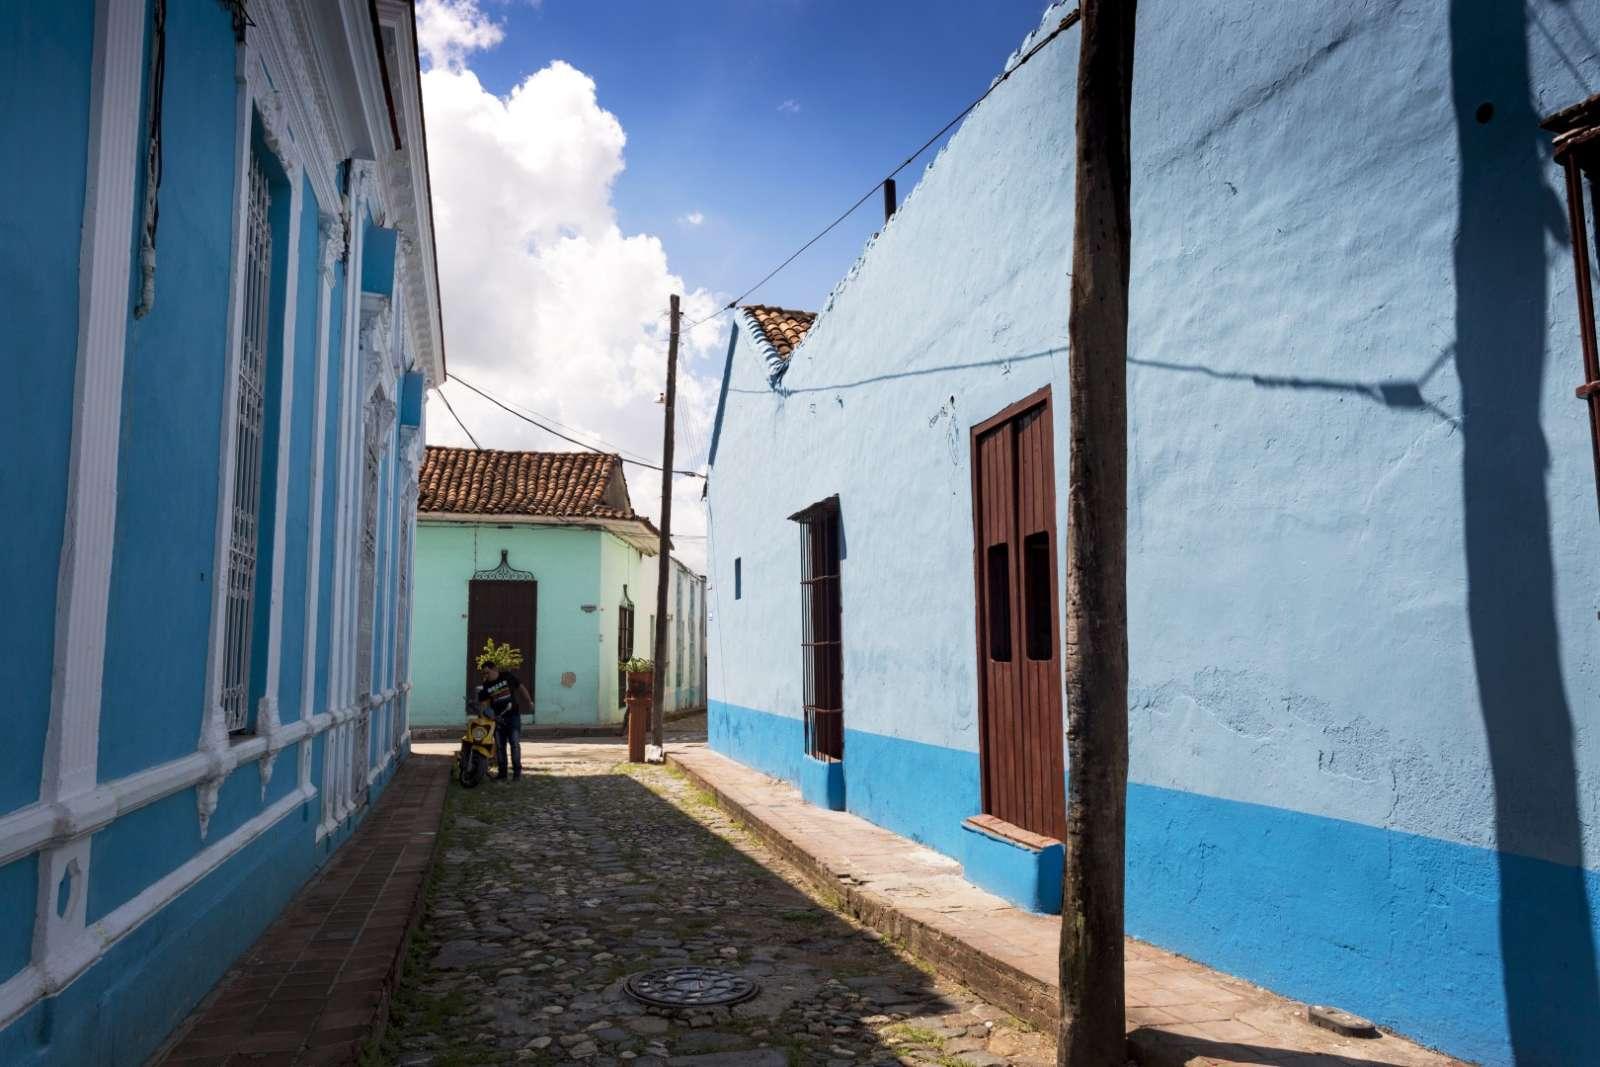 Quiet street in Sancti Spiritus, Cuba